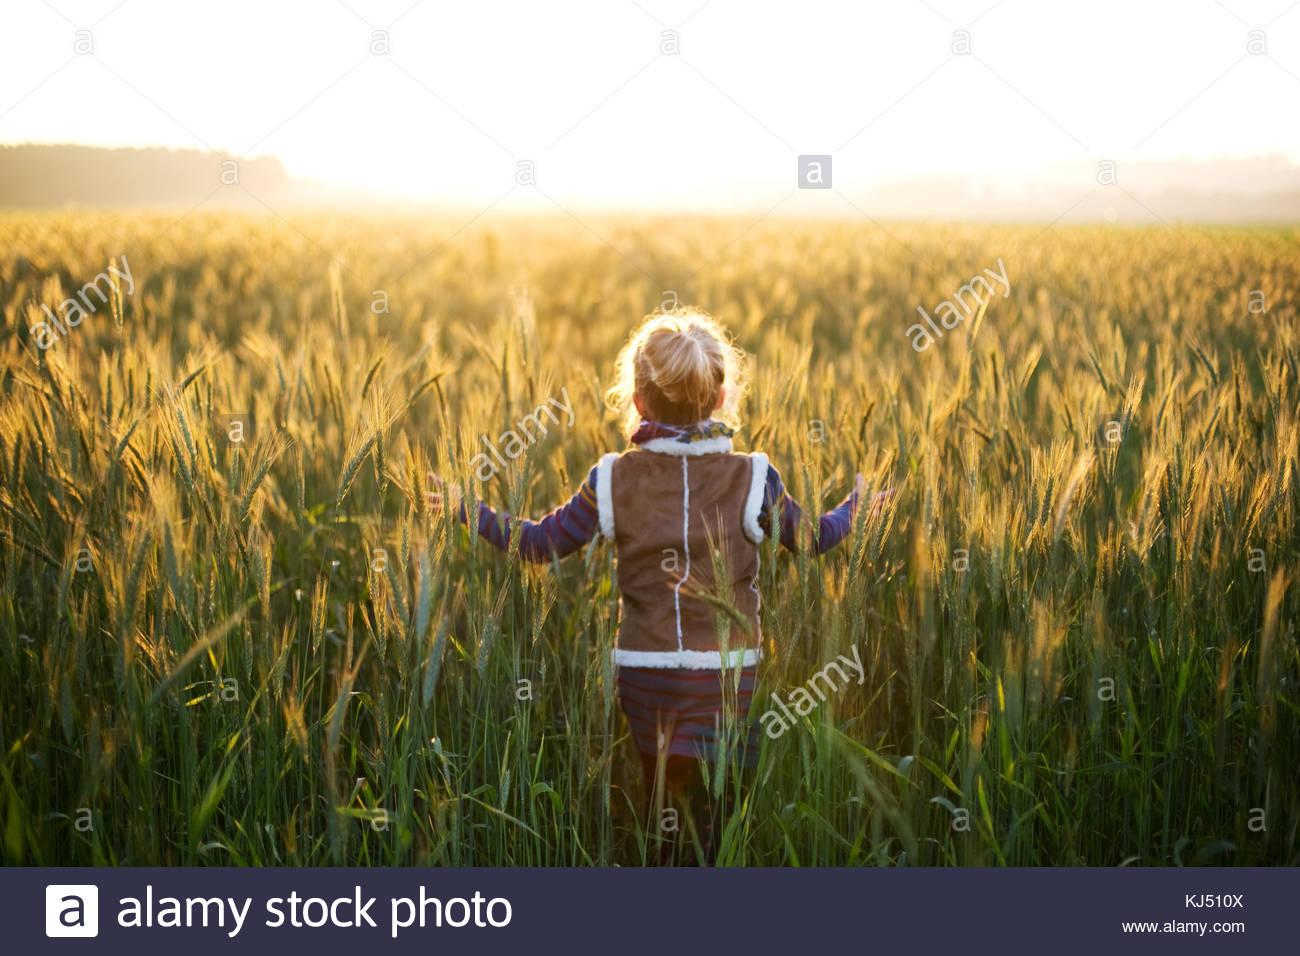 Rire de petites filles dans une prairie lumineuse Photo Stock